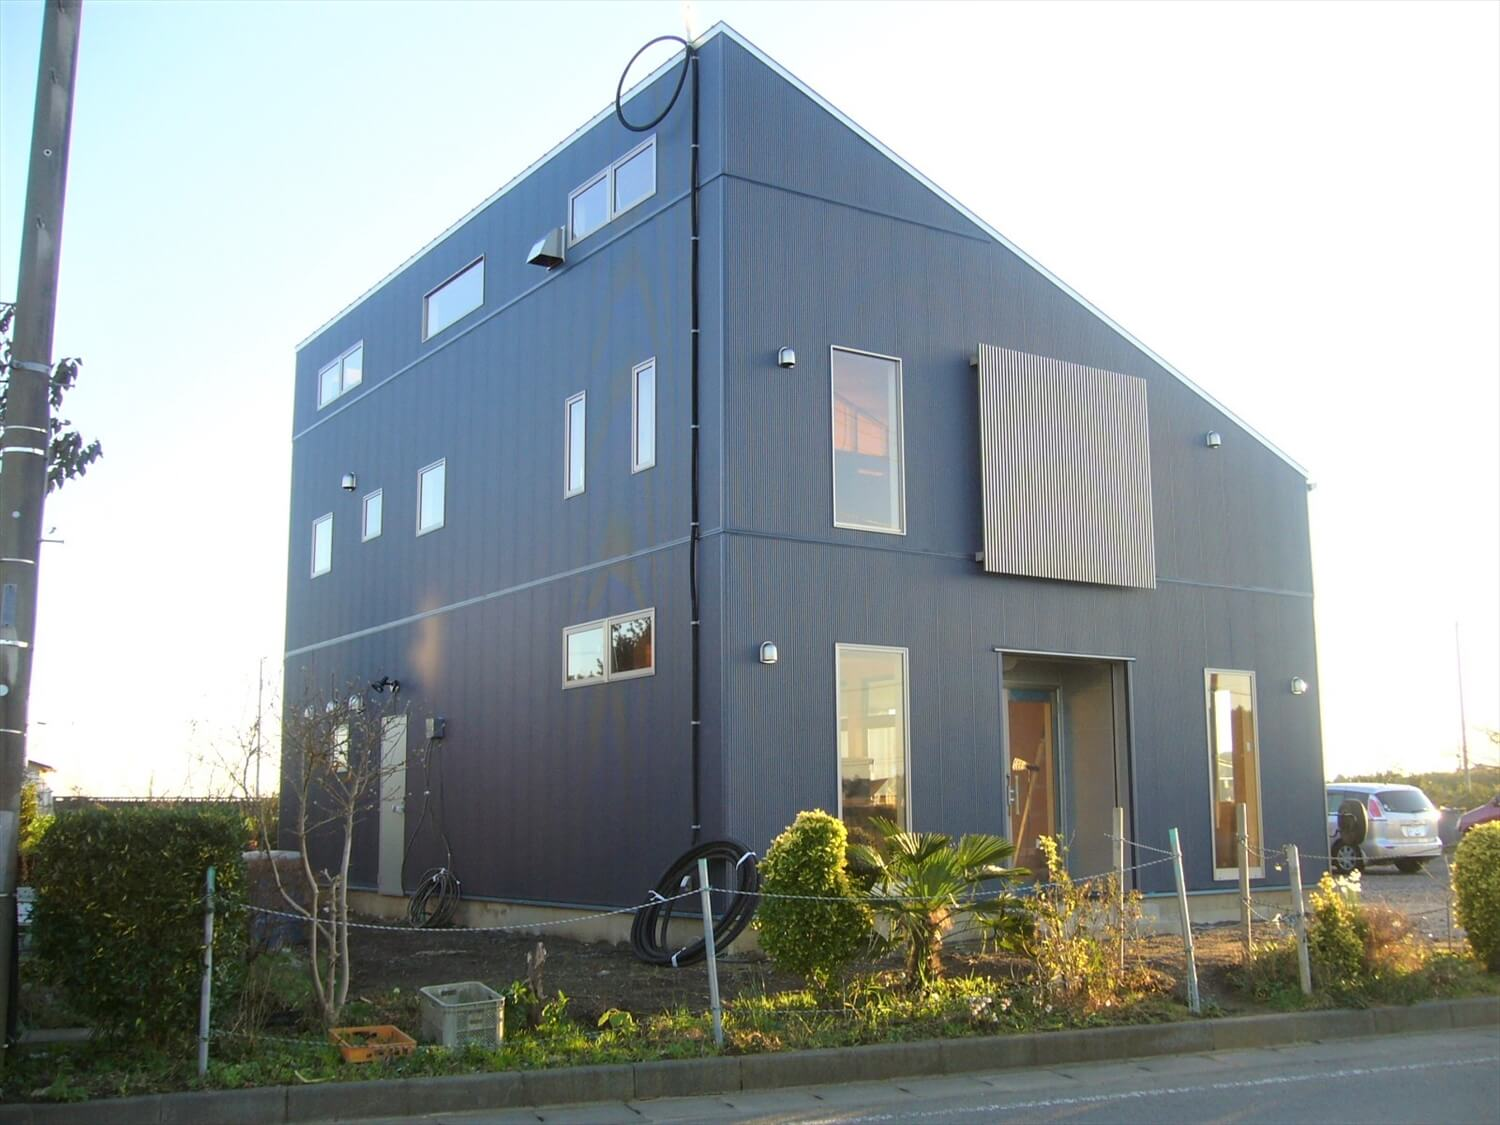 二階建ての作業所の外観 鹿嶋市の注文住宅,ログハウスのような低価格住宅を建てるならエイ・ワン